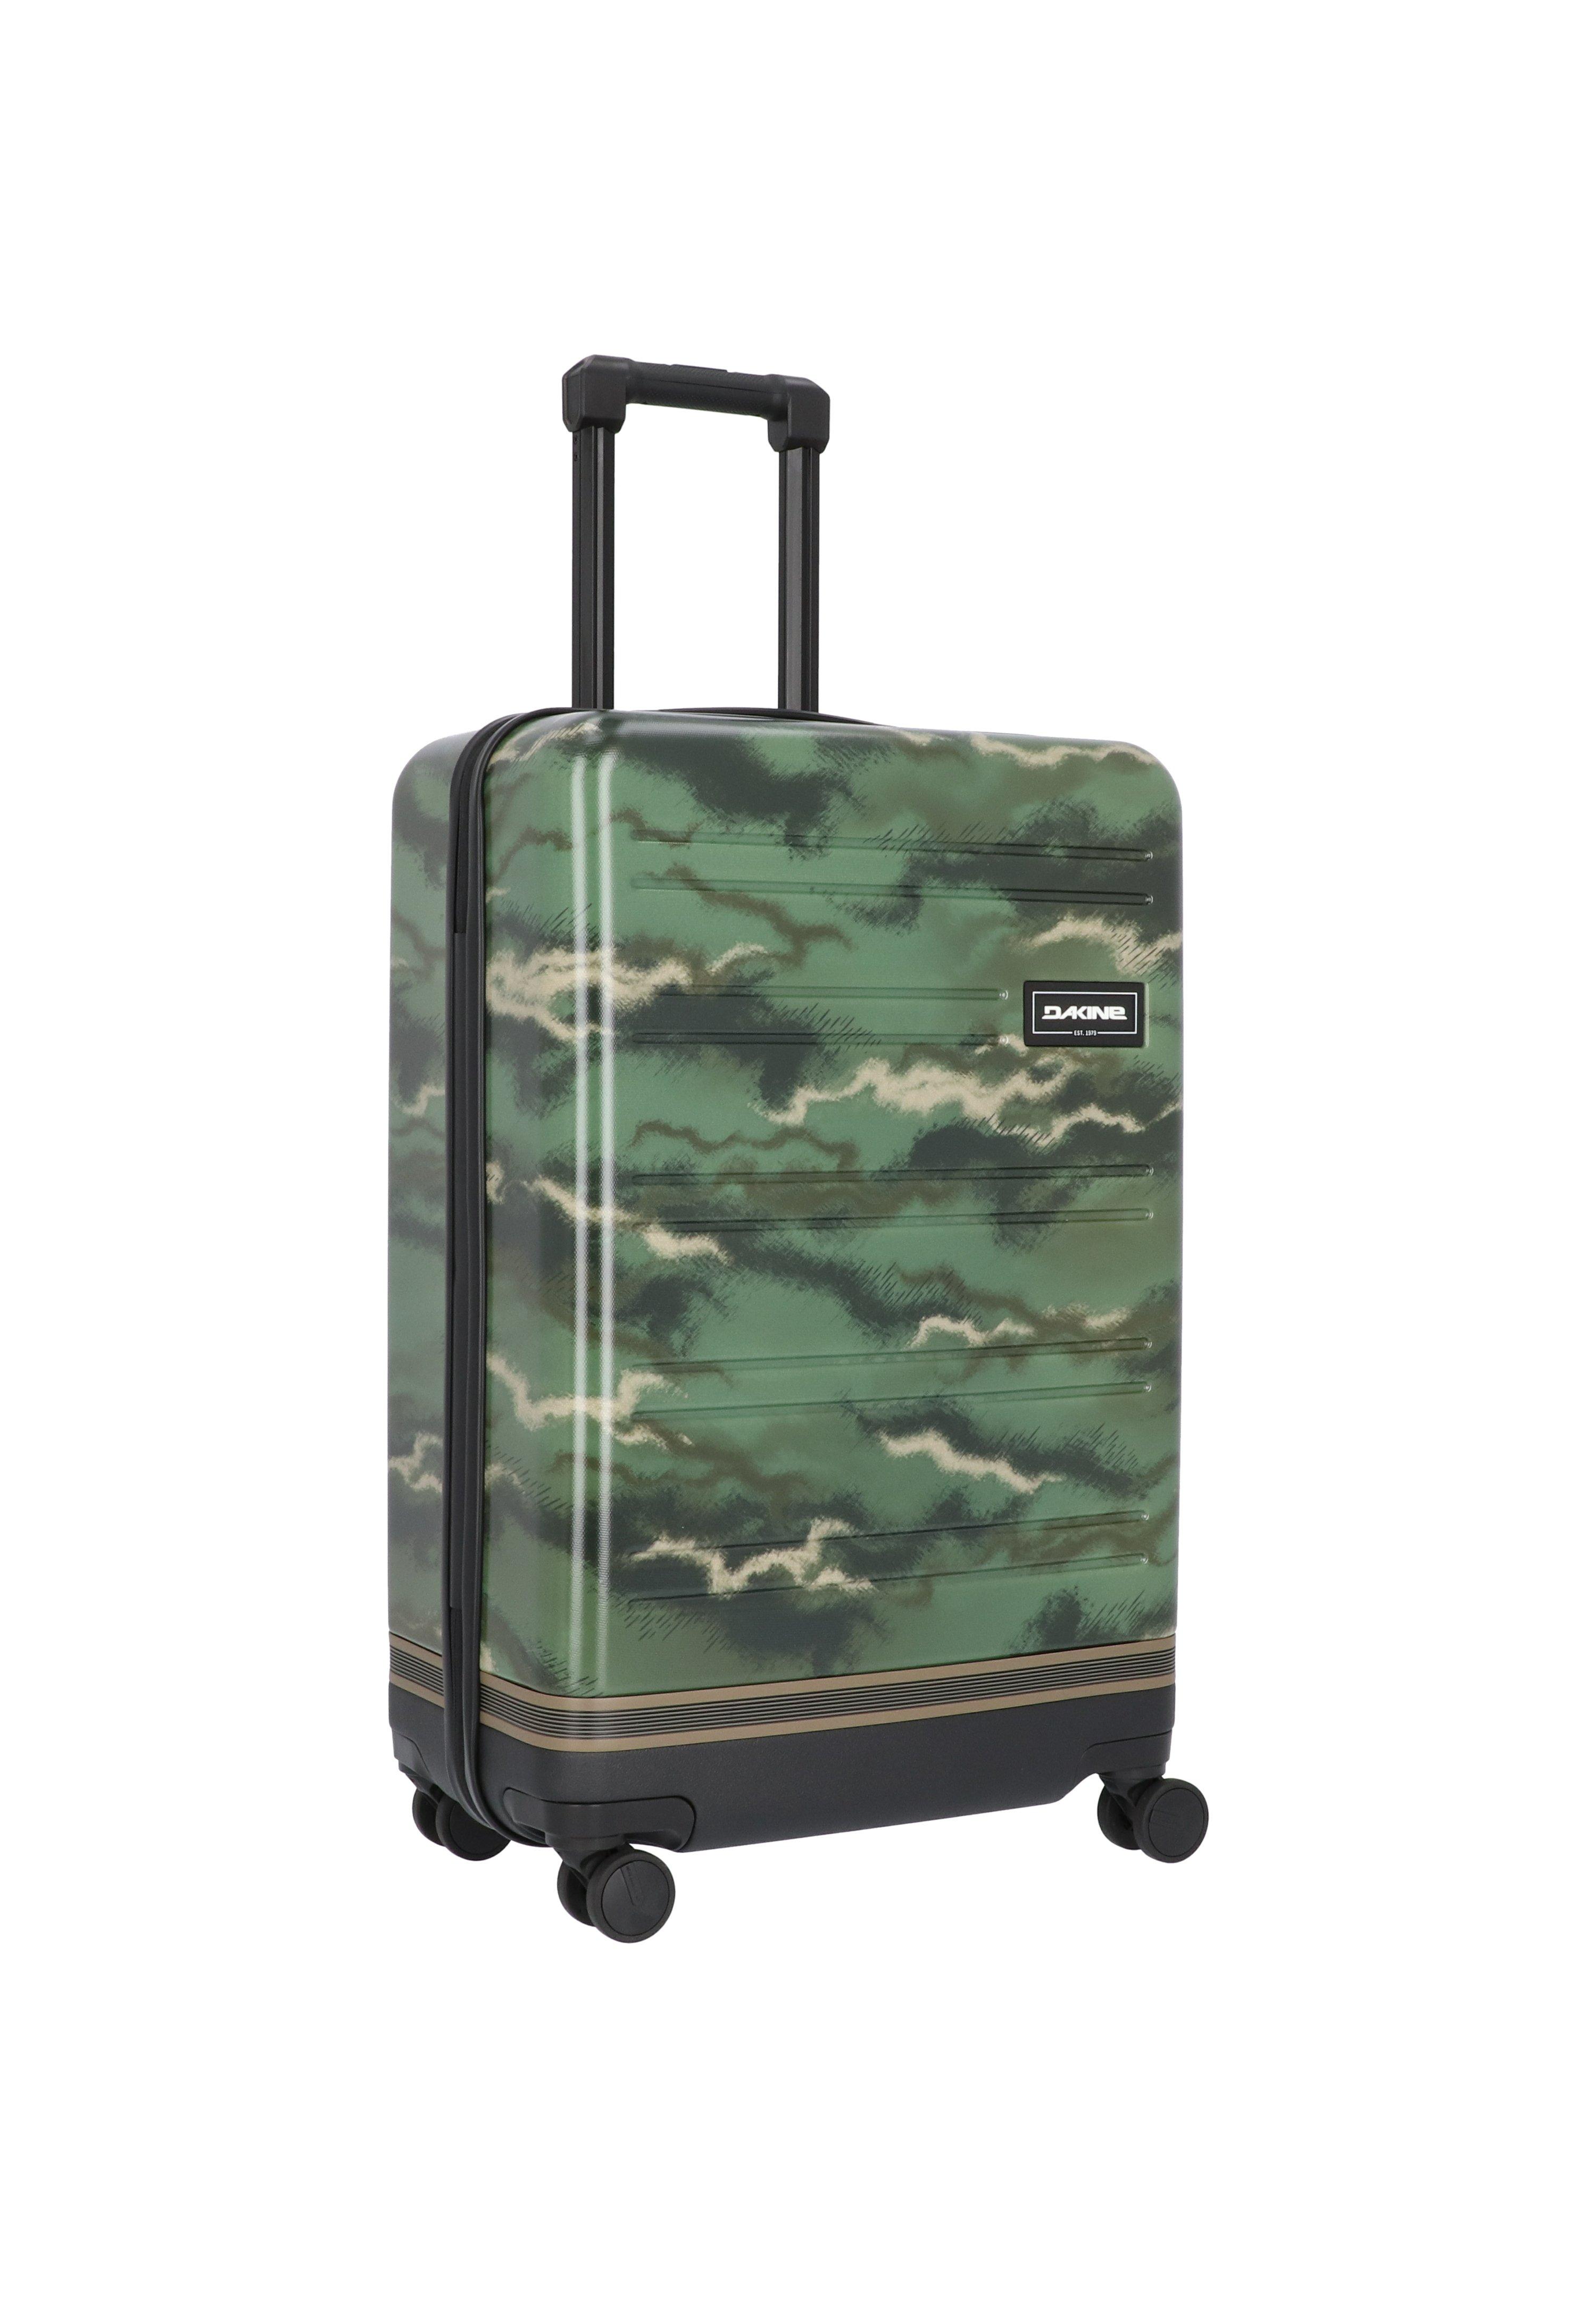 Dakine CONCOURSE  - Trolley - olive ashcroft camo/grün - Herrentaschen sla3D